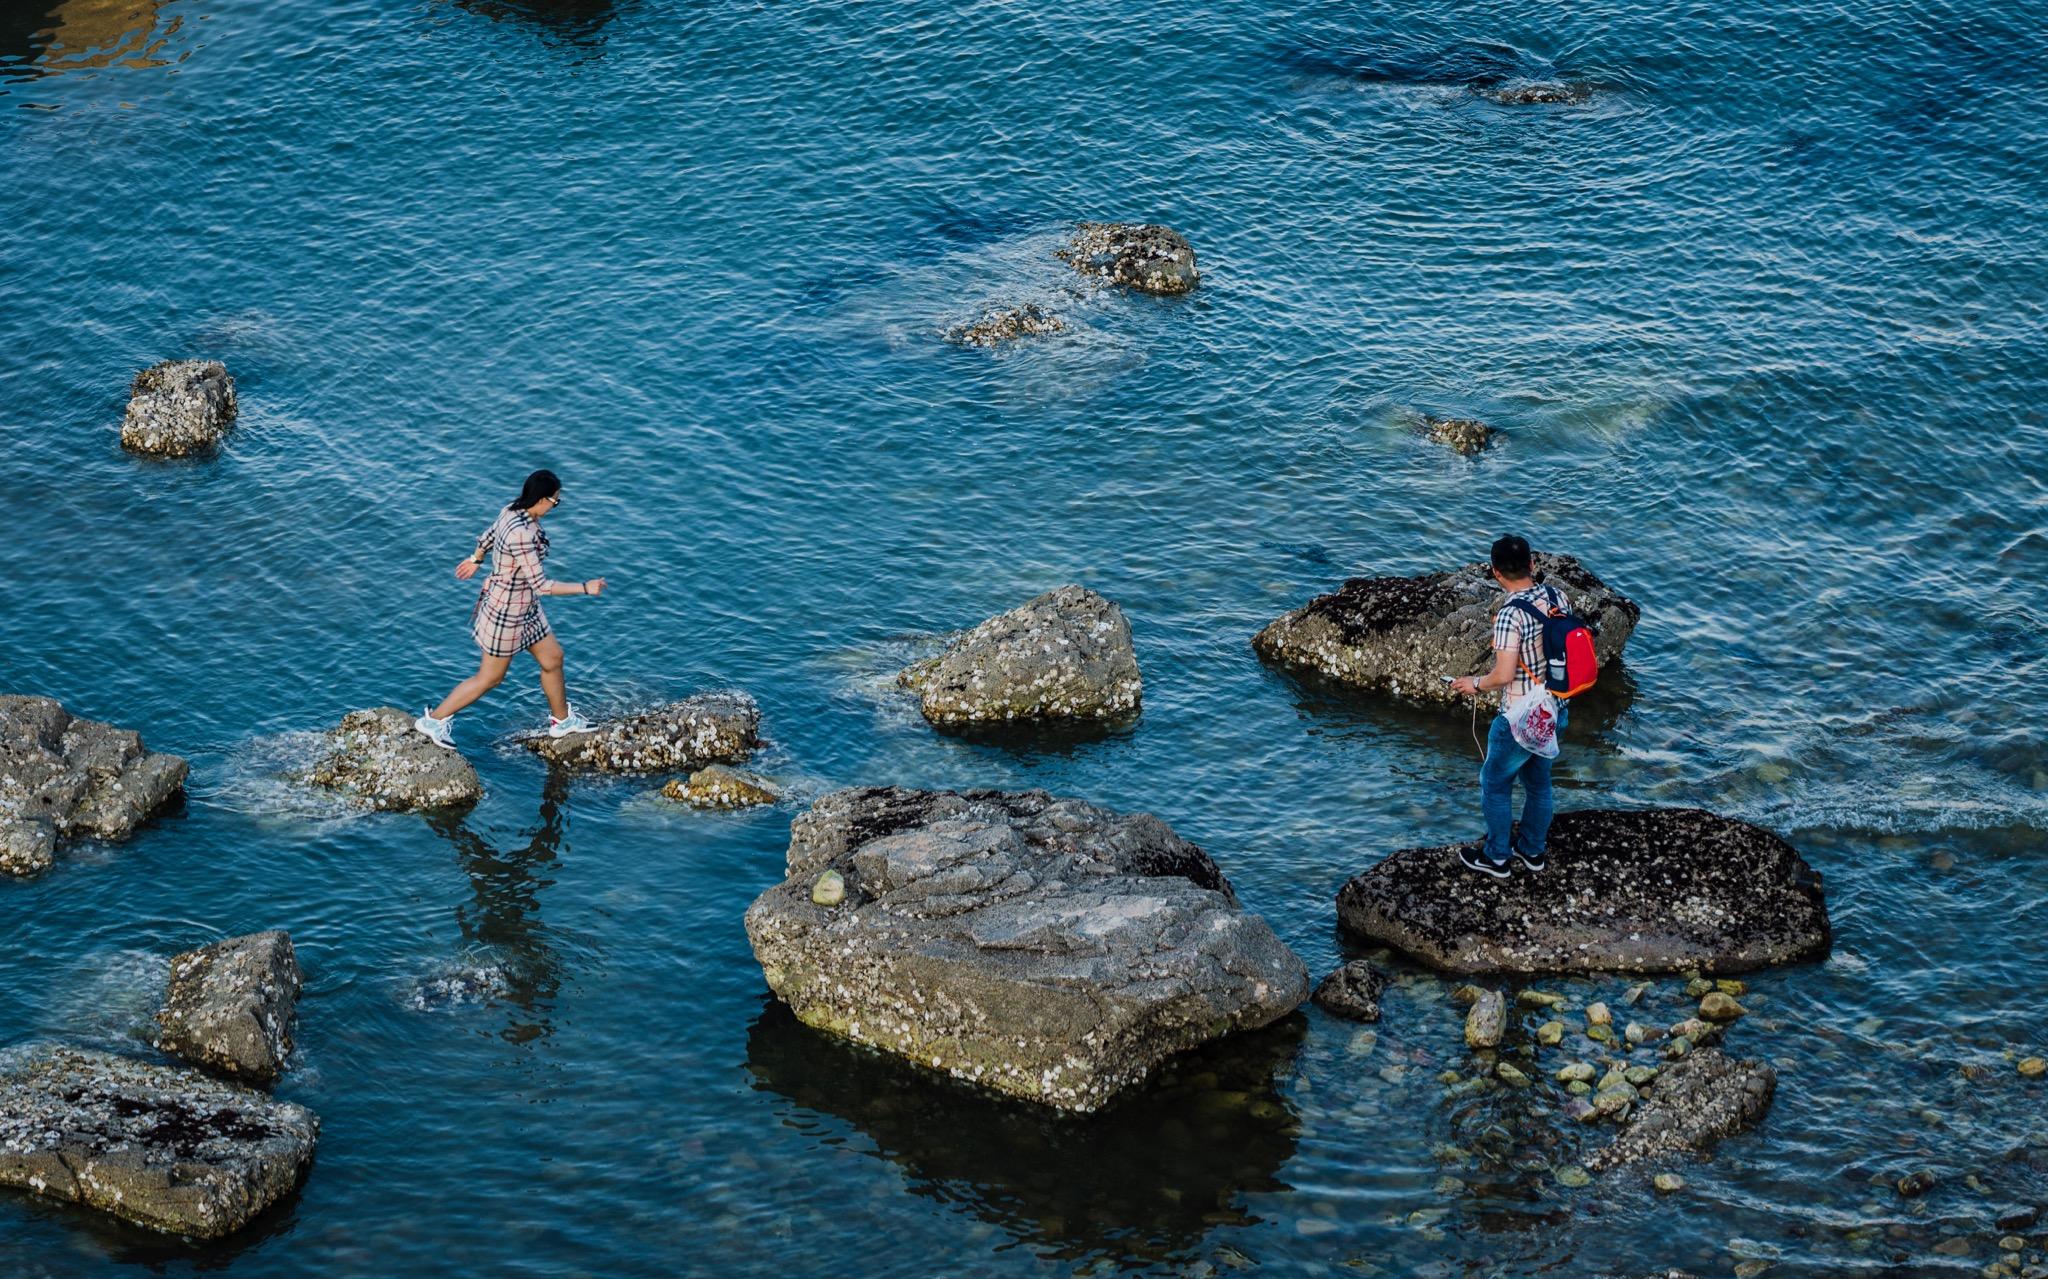 礁石上的人